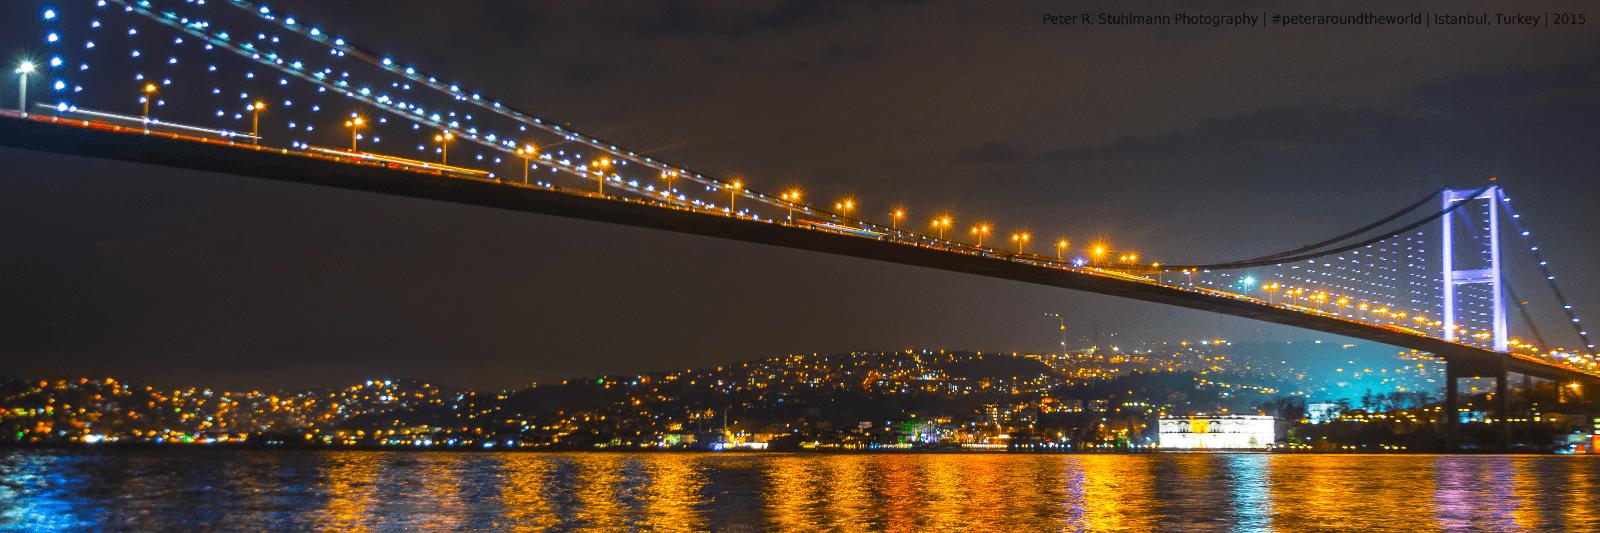 Die Bosporus-Brücke verbindet Europa mit Asien.